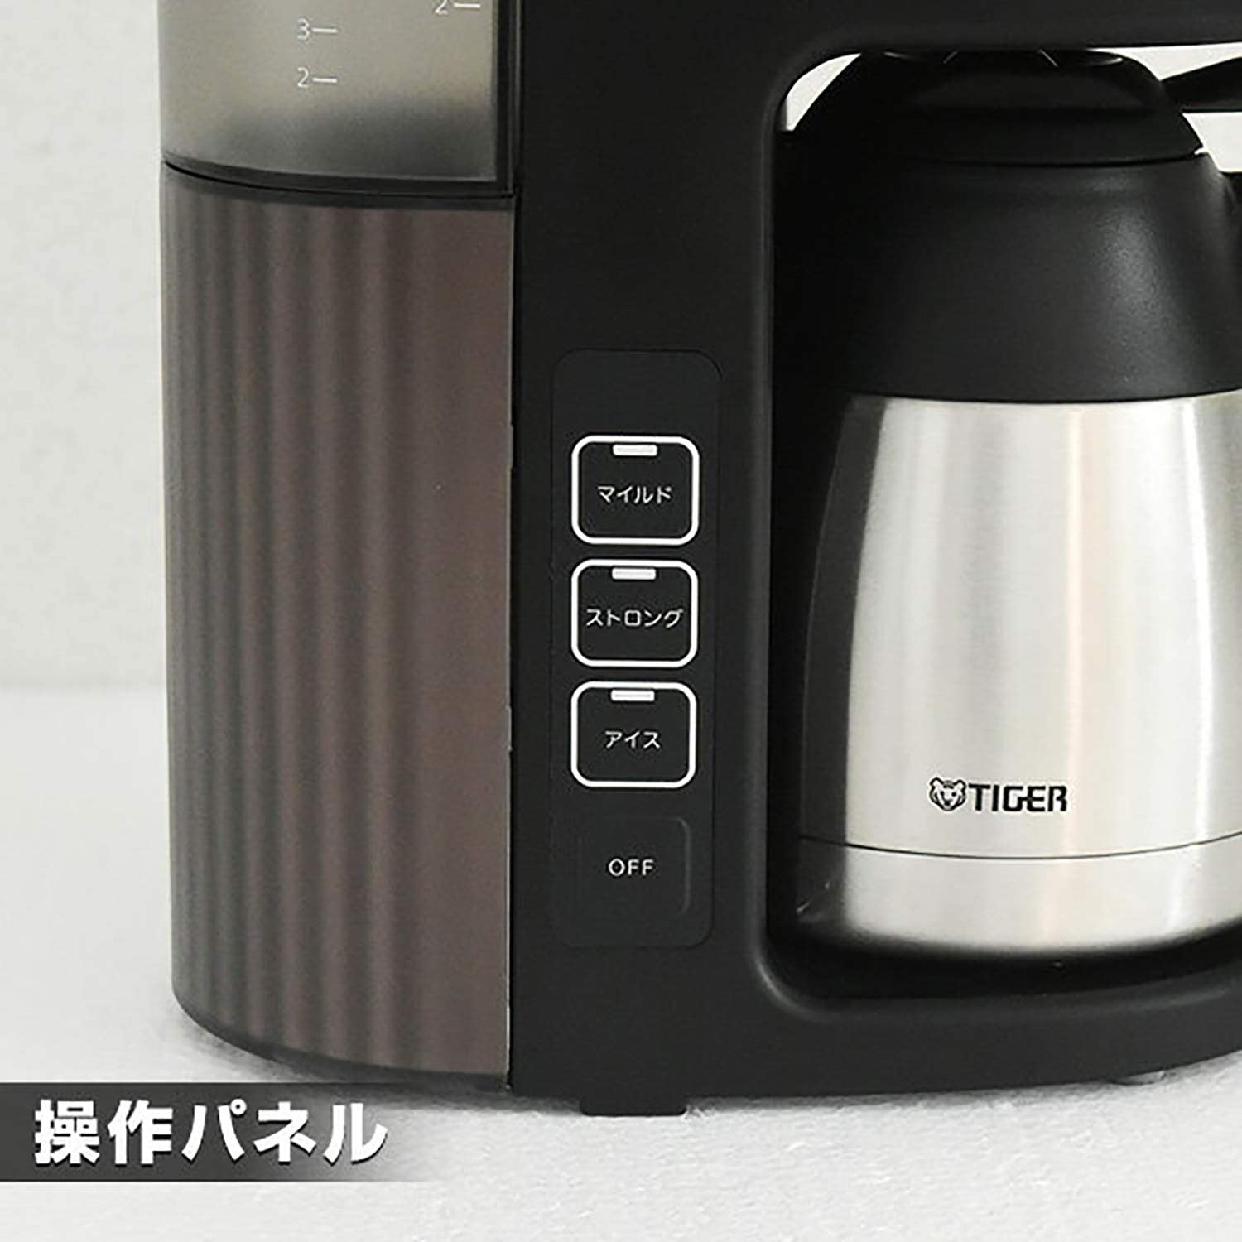 タイガー魔法瓶(たいがー)コーヒーメーカー ACE-S080の商品画像6